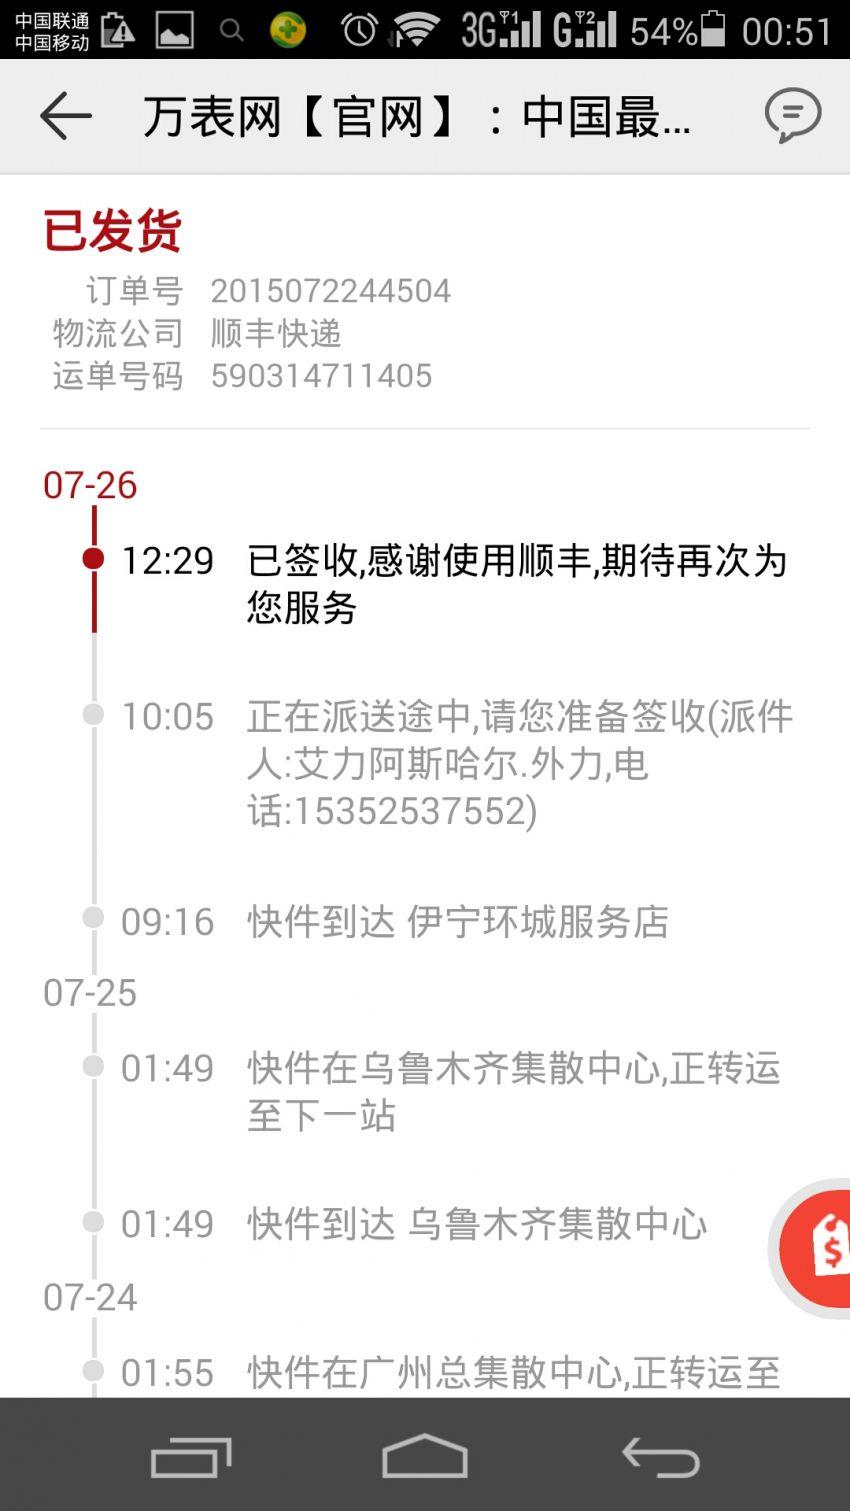 美度M8600.4.26.1手表【表友晒单作业】7月22日...